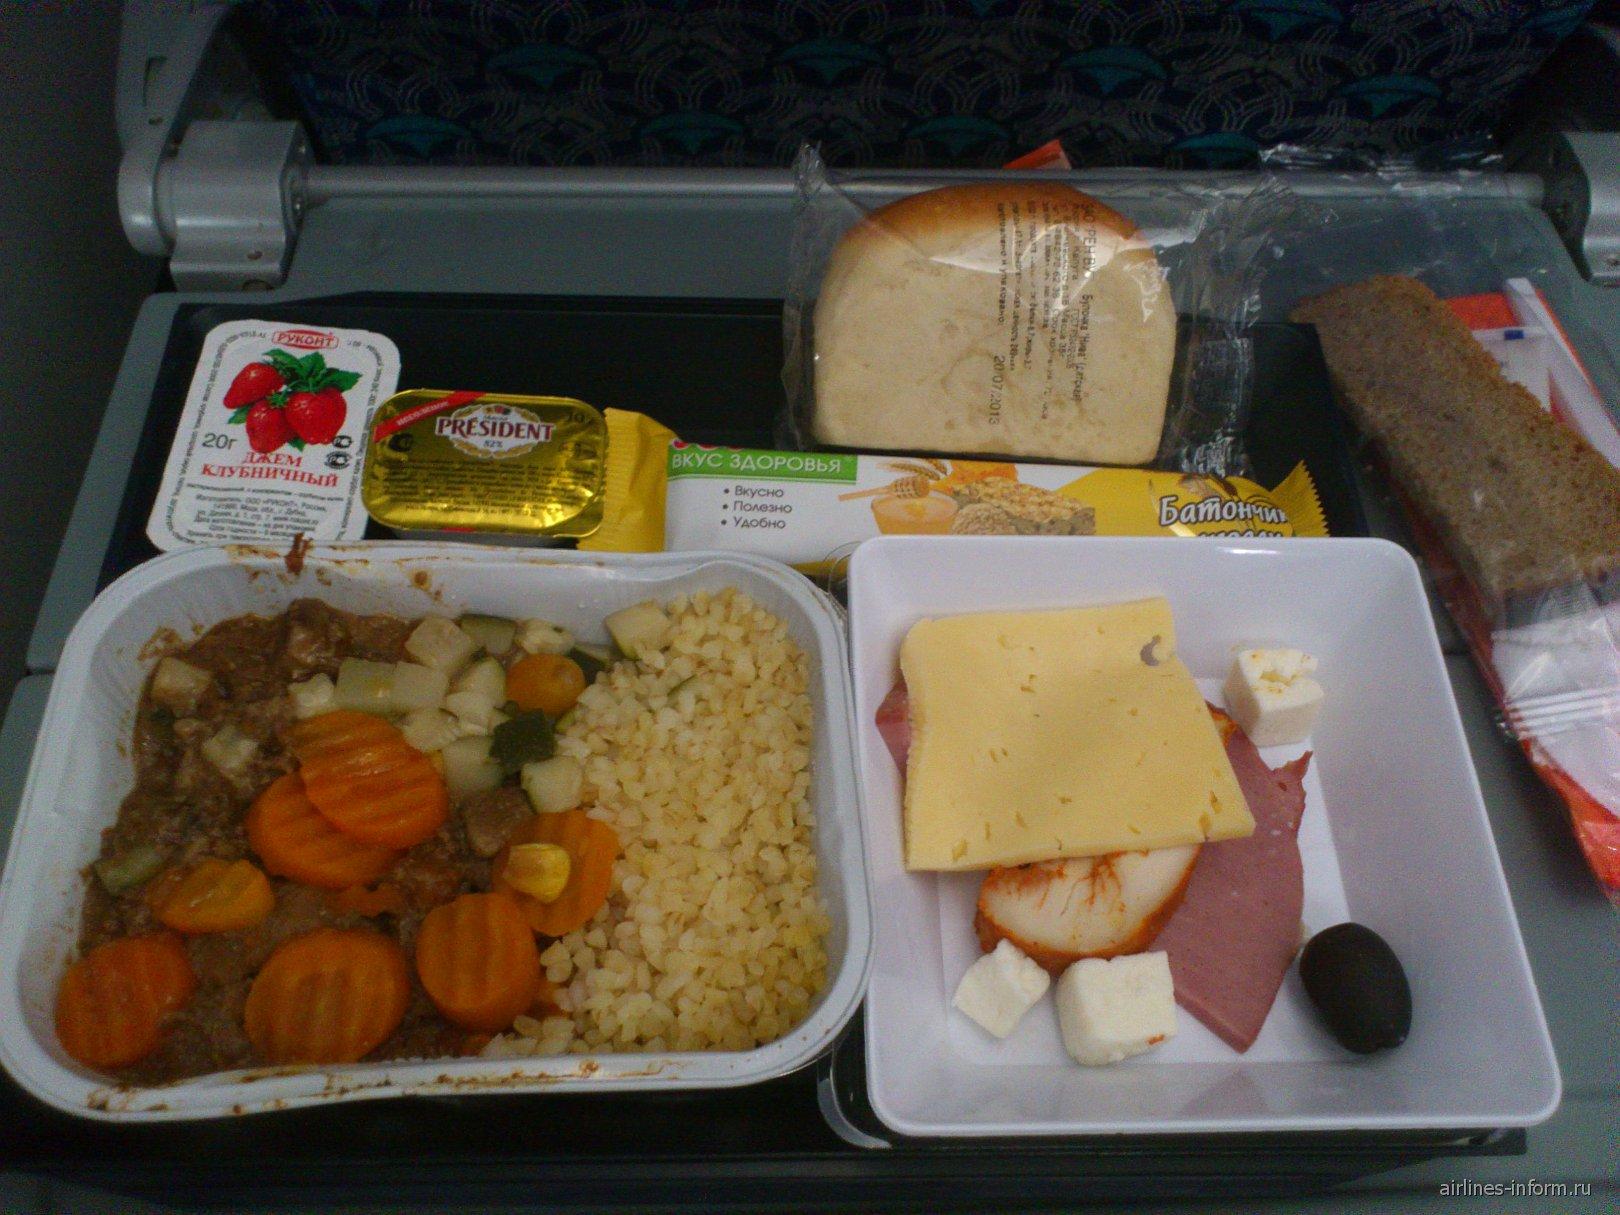 Питание на рейсе Тель-Авив-Москва Аэрофлота